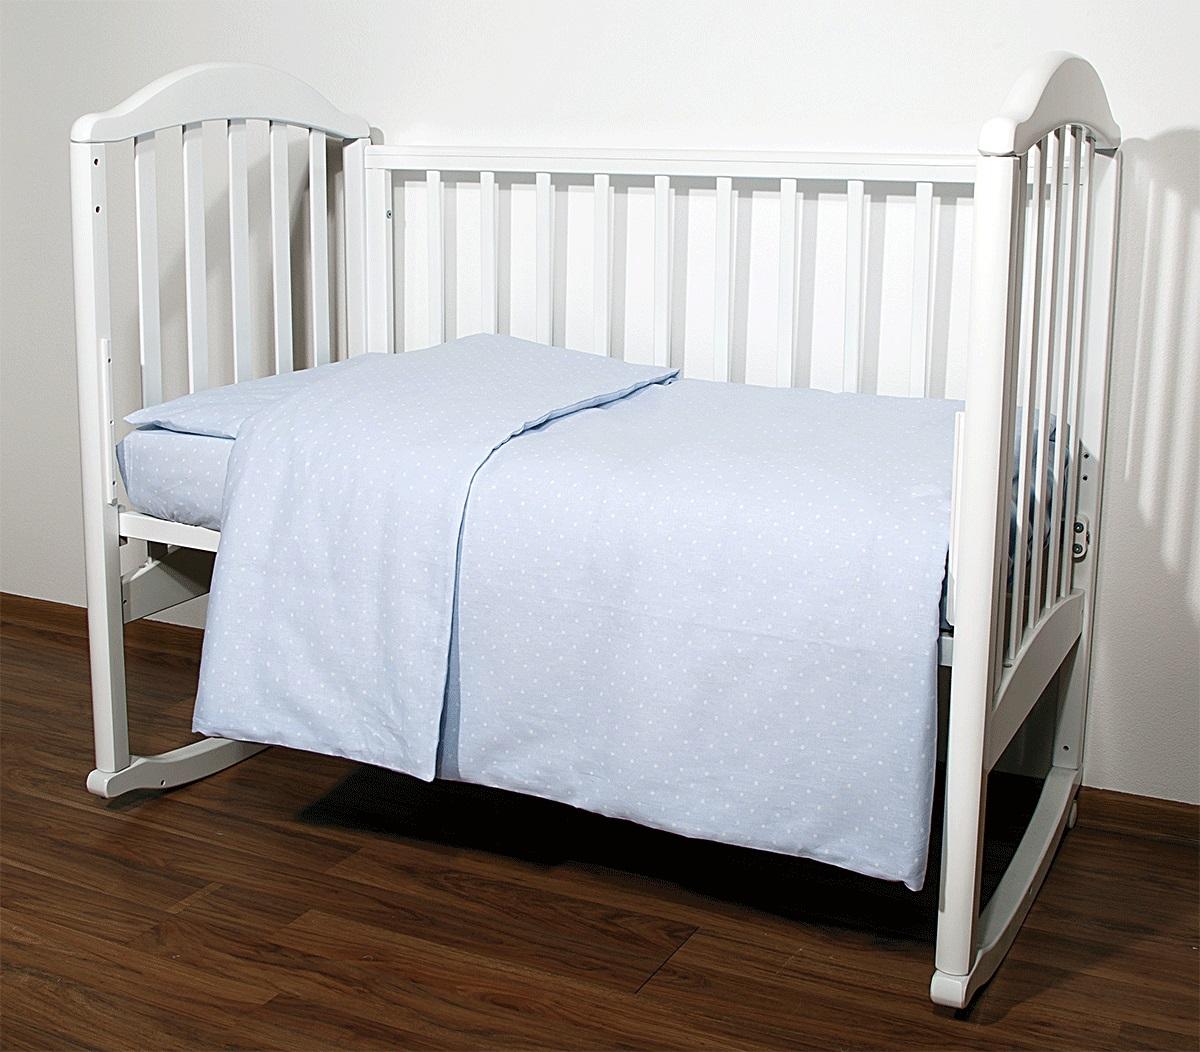 Baby Nice Комплект белья для новорожденных Горох цвет голубойС1112Постельное бельё, сшито из качественной бязи импортного производства.Бельё не деформируется, цвет не выстирывается. наволочка 40х60, пододеяльник 112х147,простынь 110х147